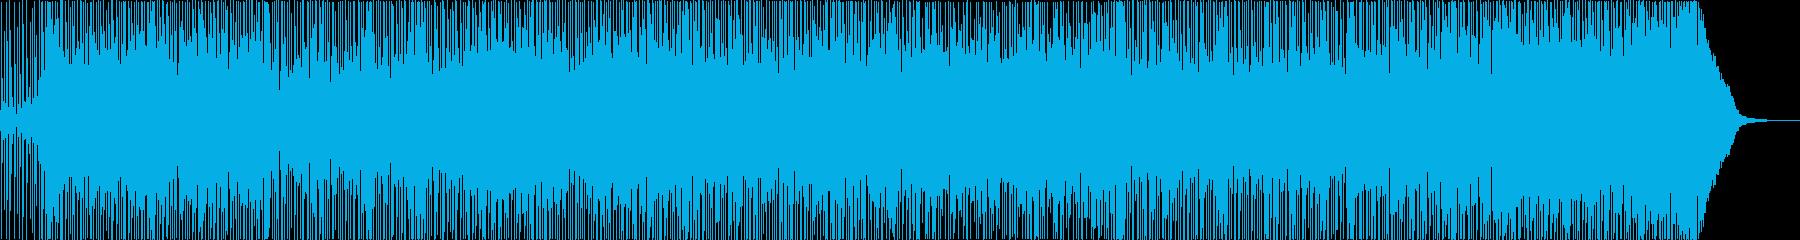 ディスコブラジルの再生済みの波形